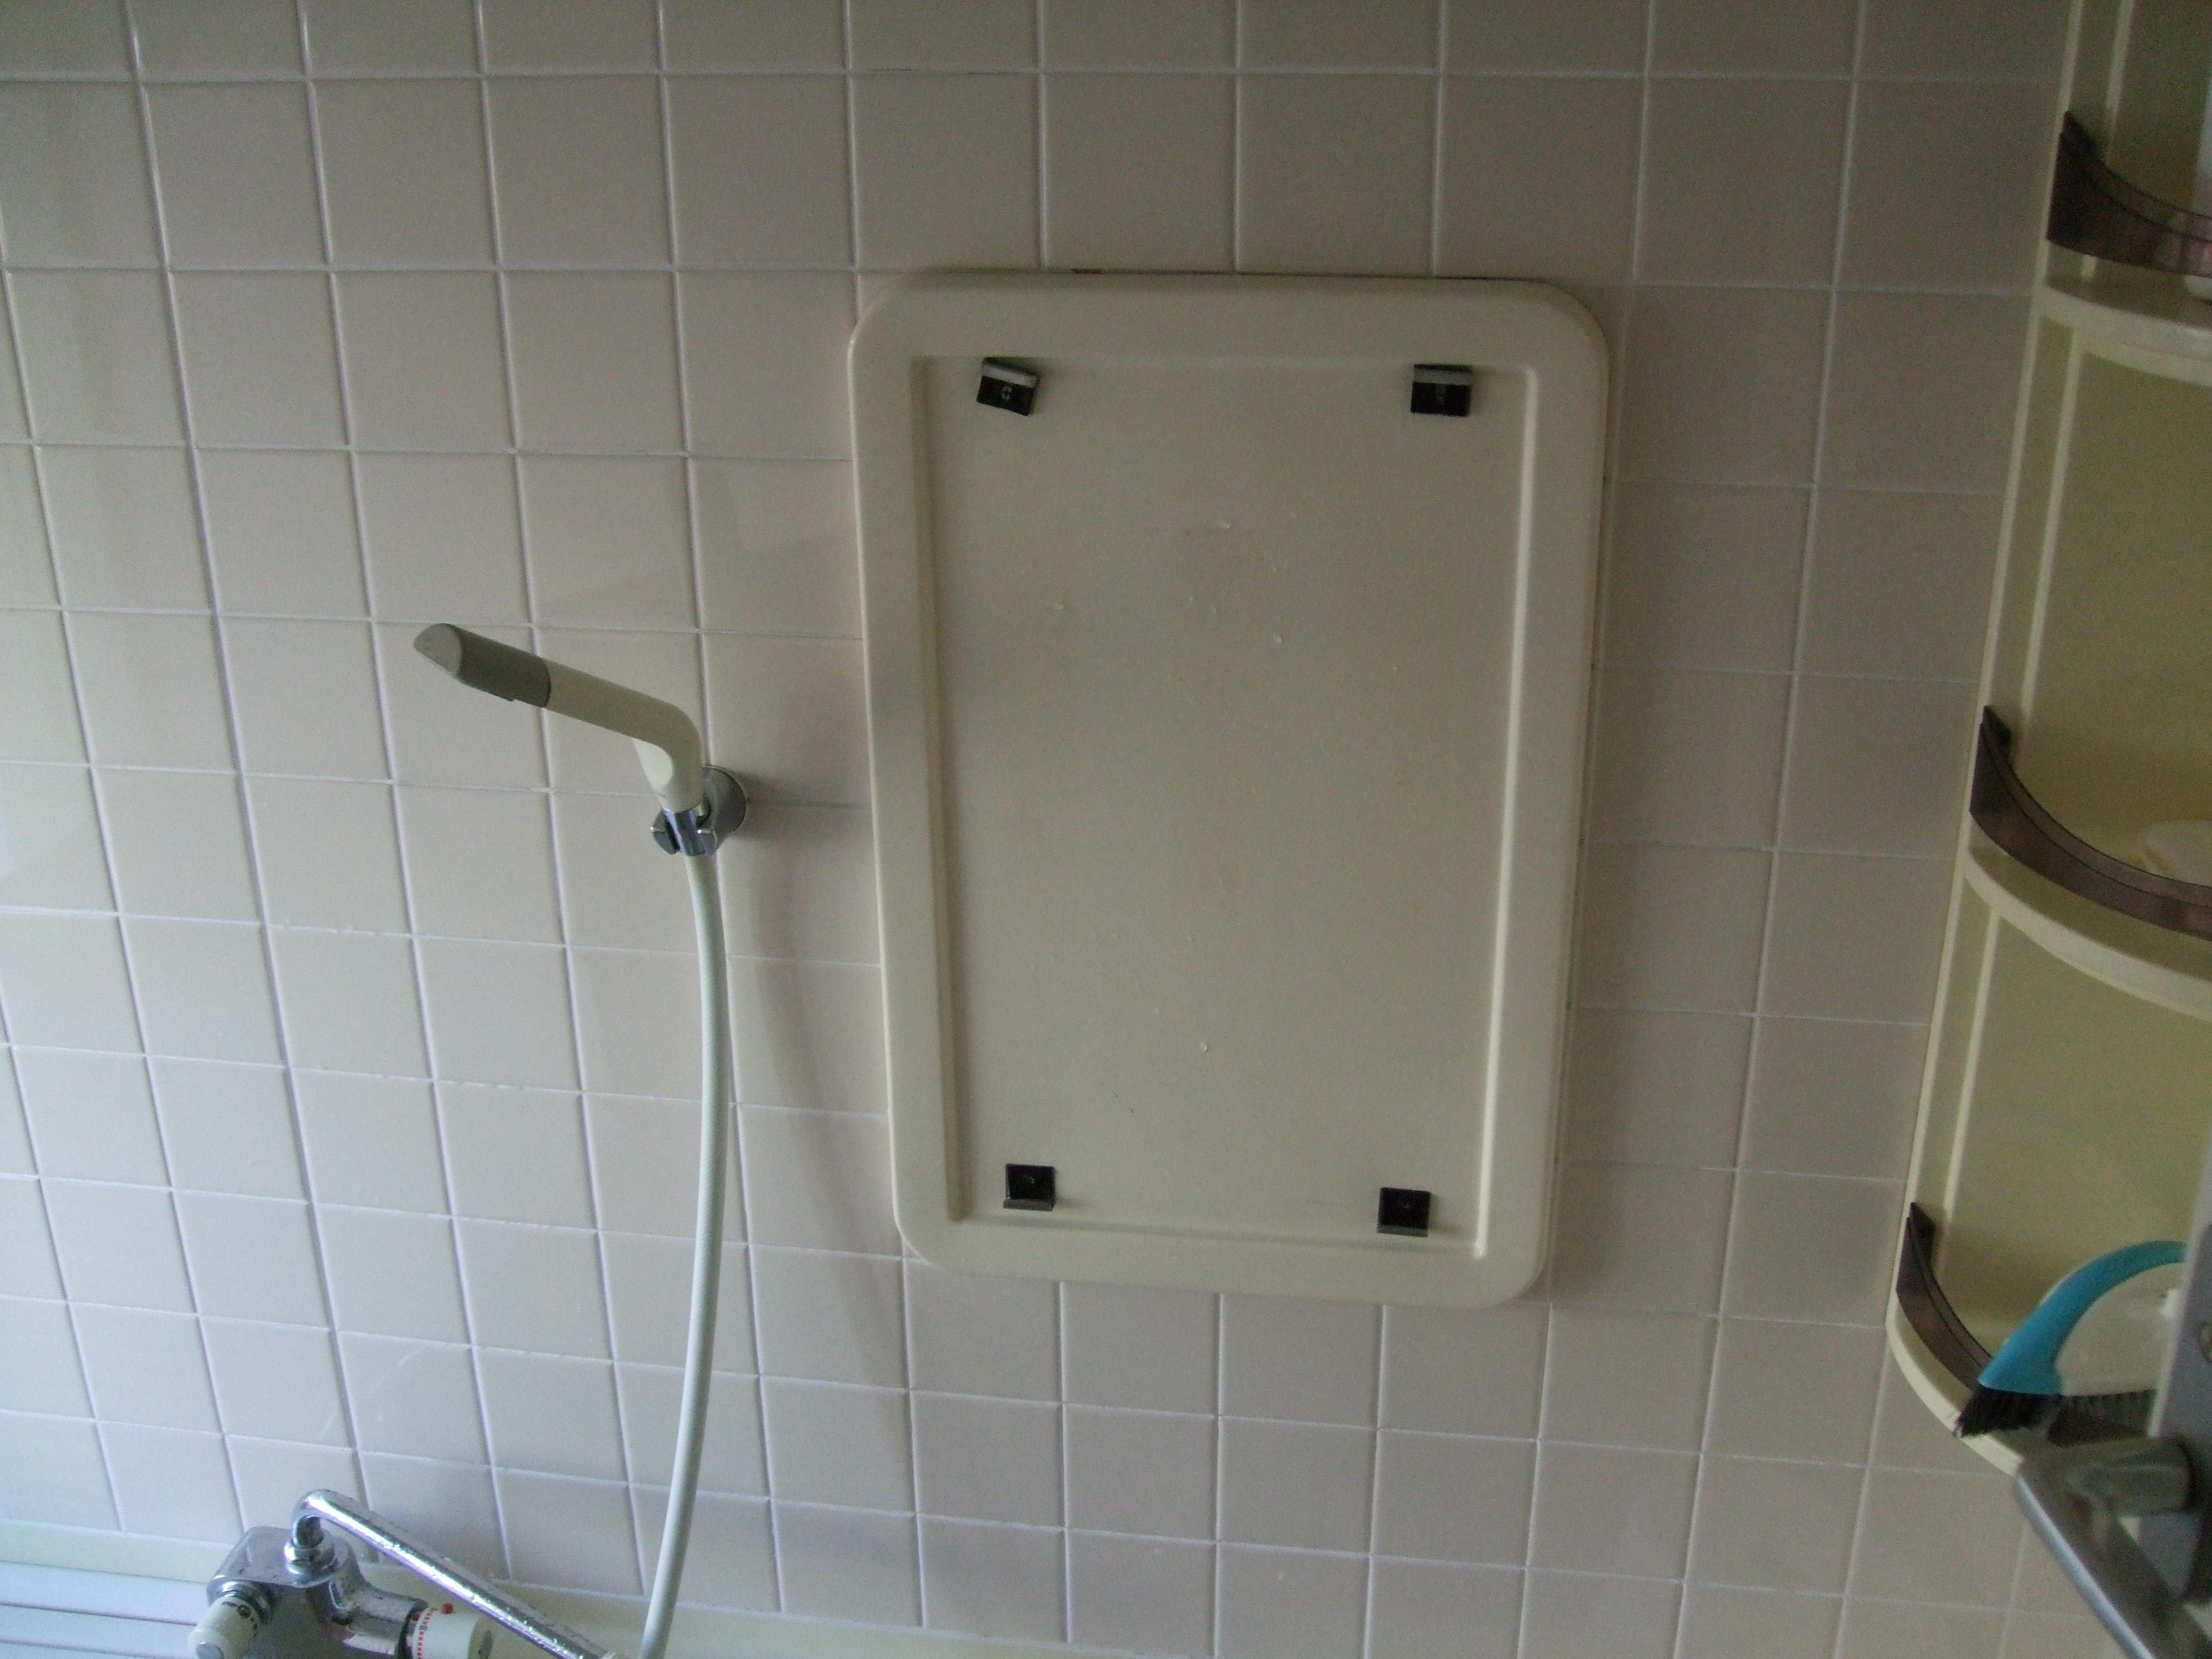 ハンガー金具止めの浴室鏡をご自分で新しい鏡に交換されたお客様(埼玉県